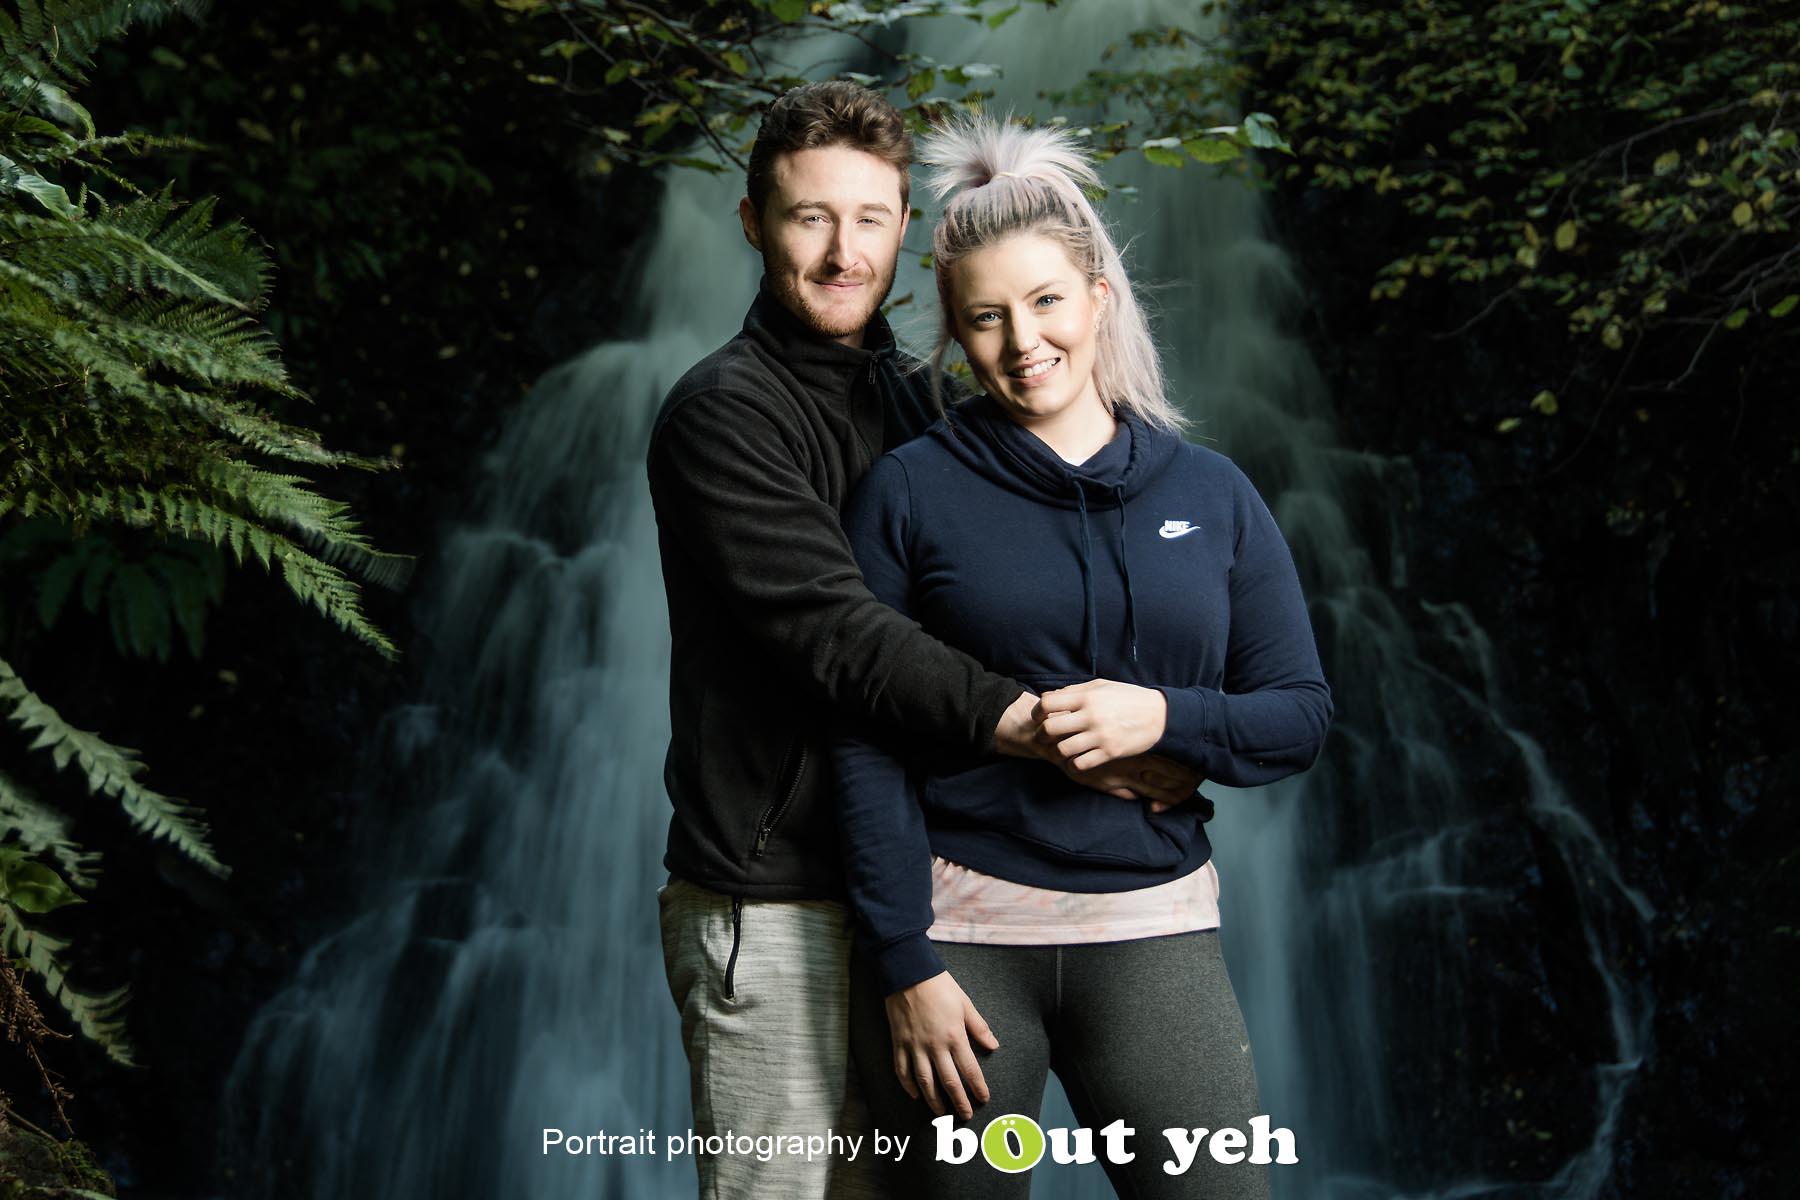 David and Joanna, at Gleno Waterfall, Northern Ireland - photo 9013.